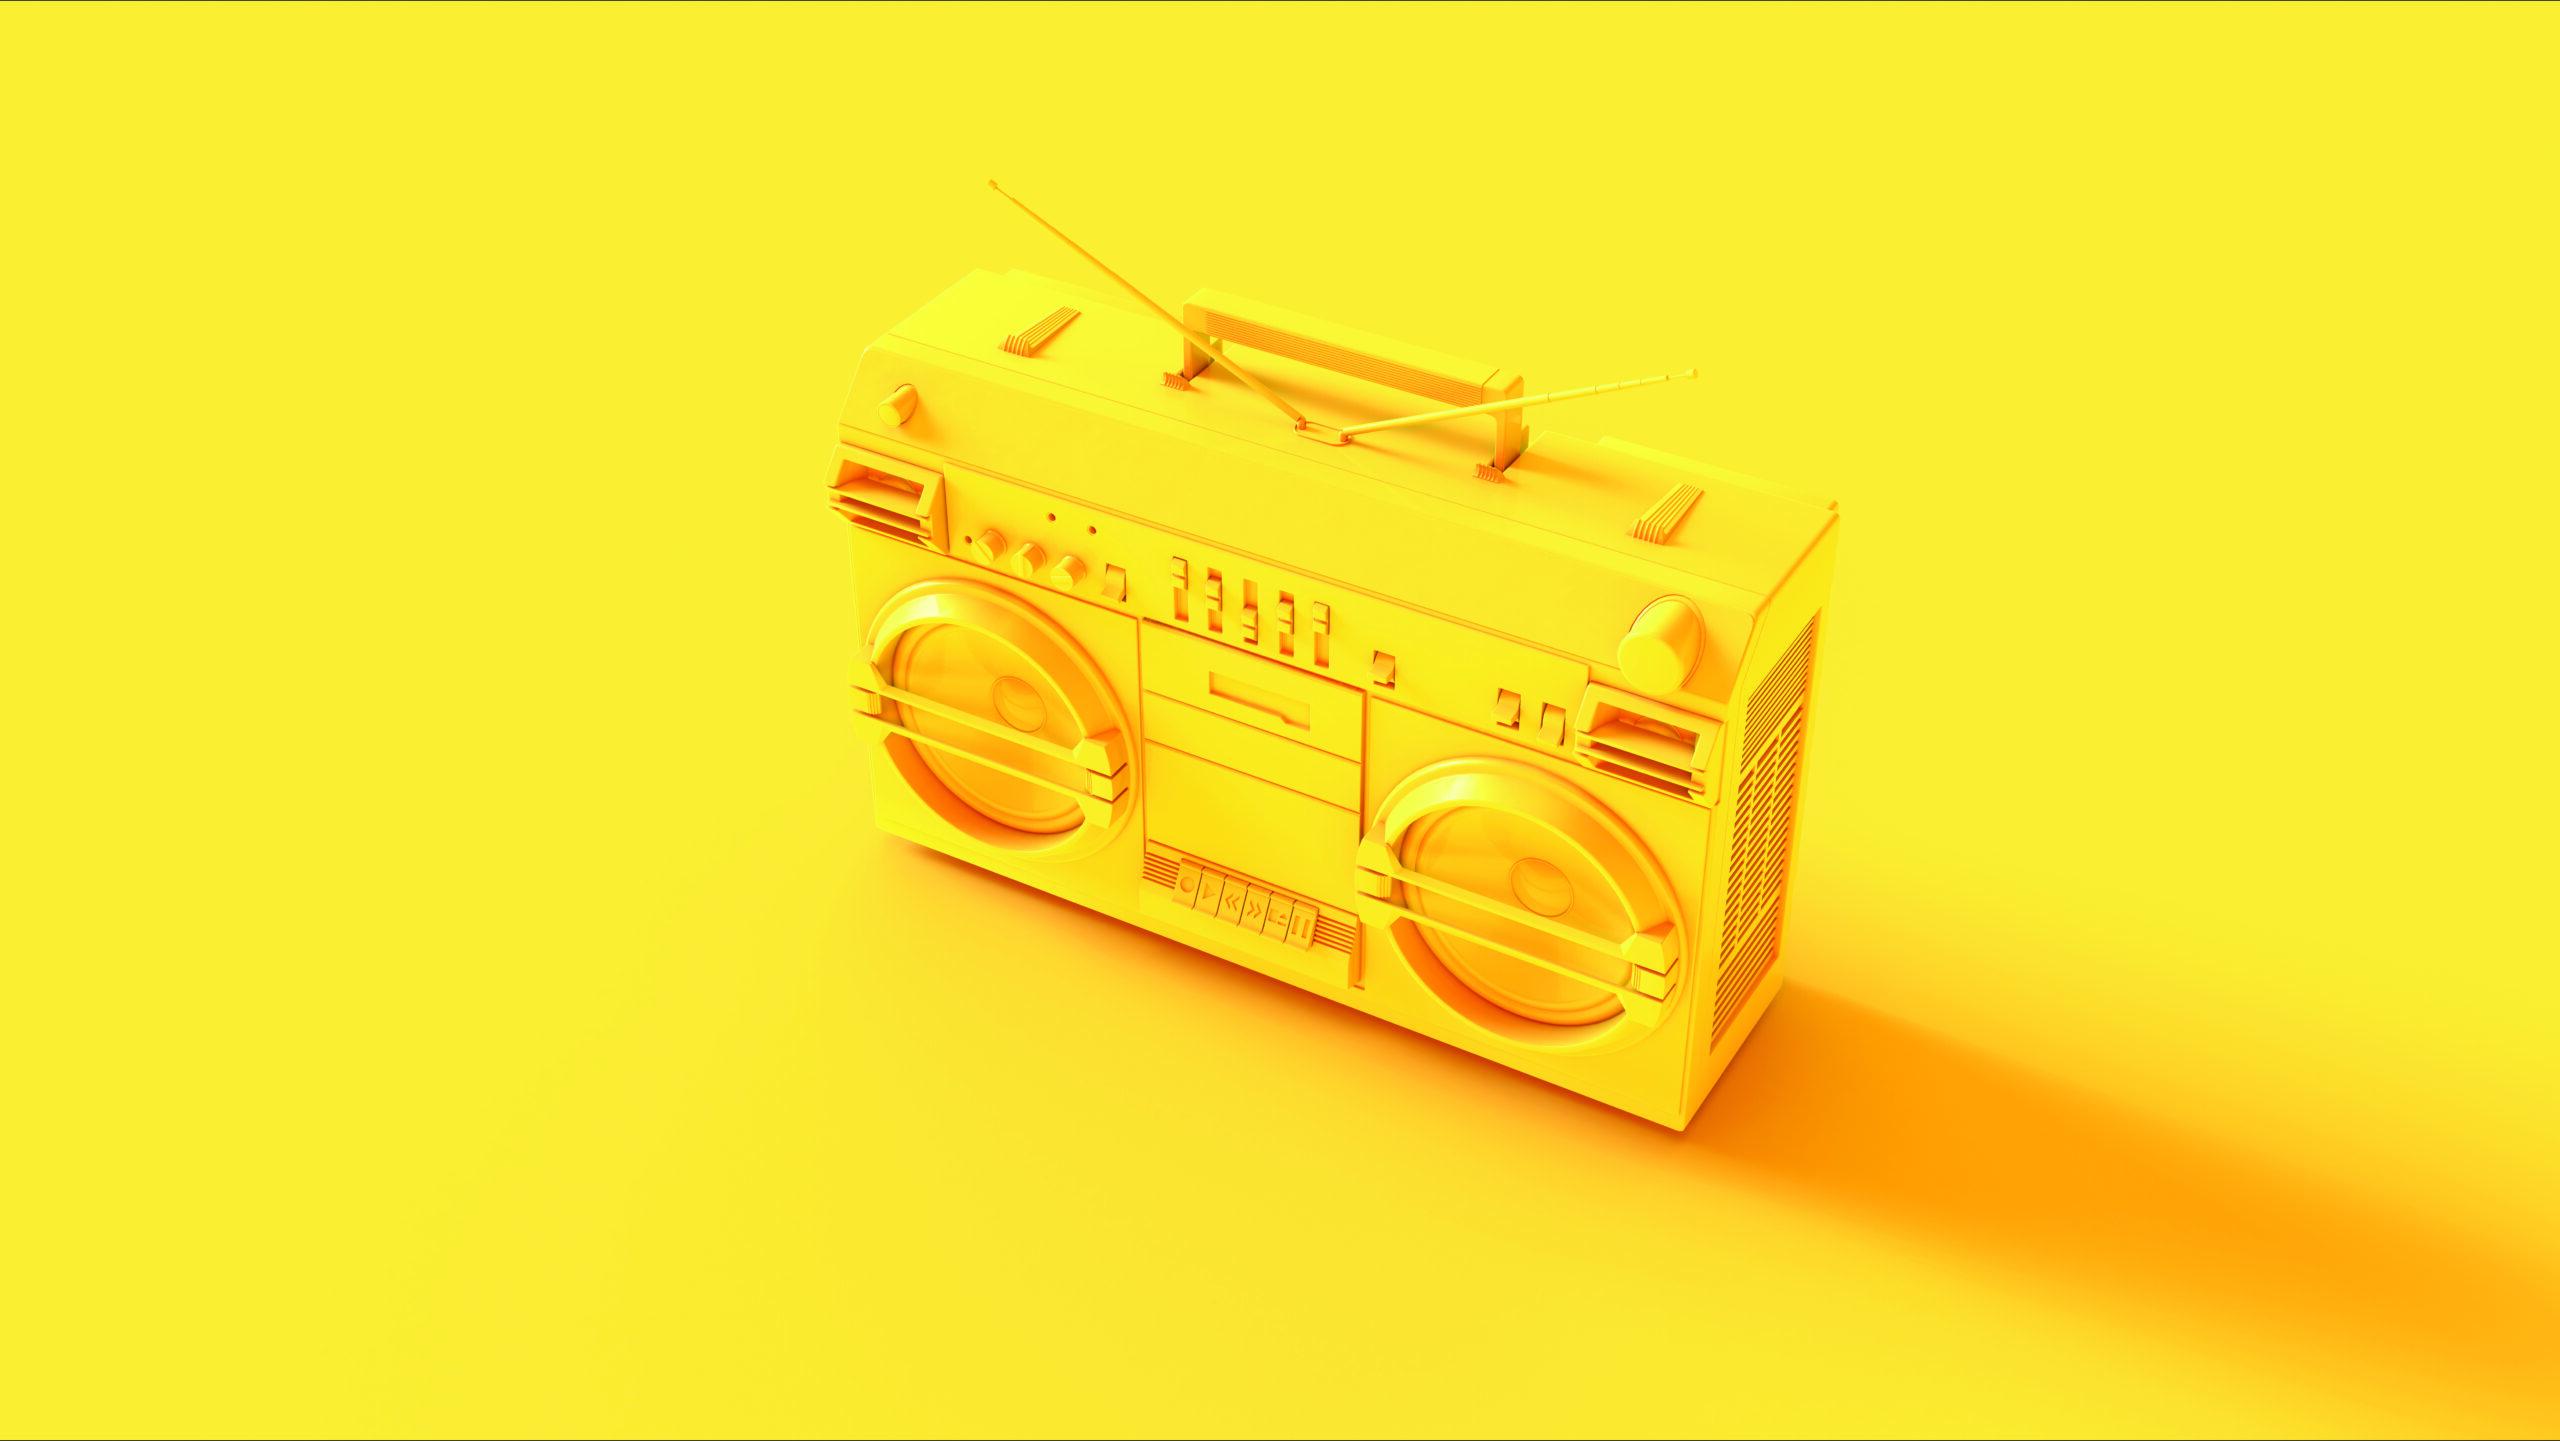 Yellow Boombox